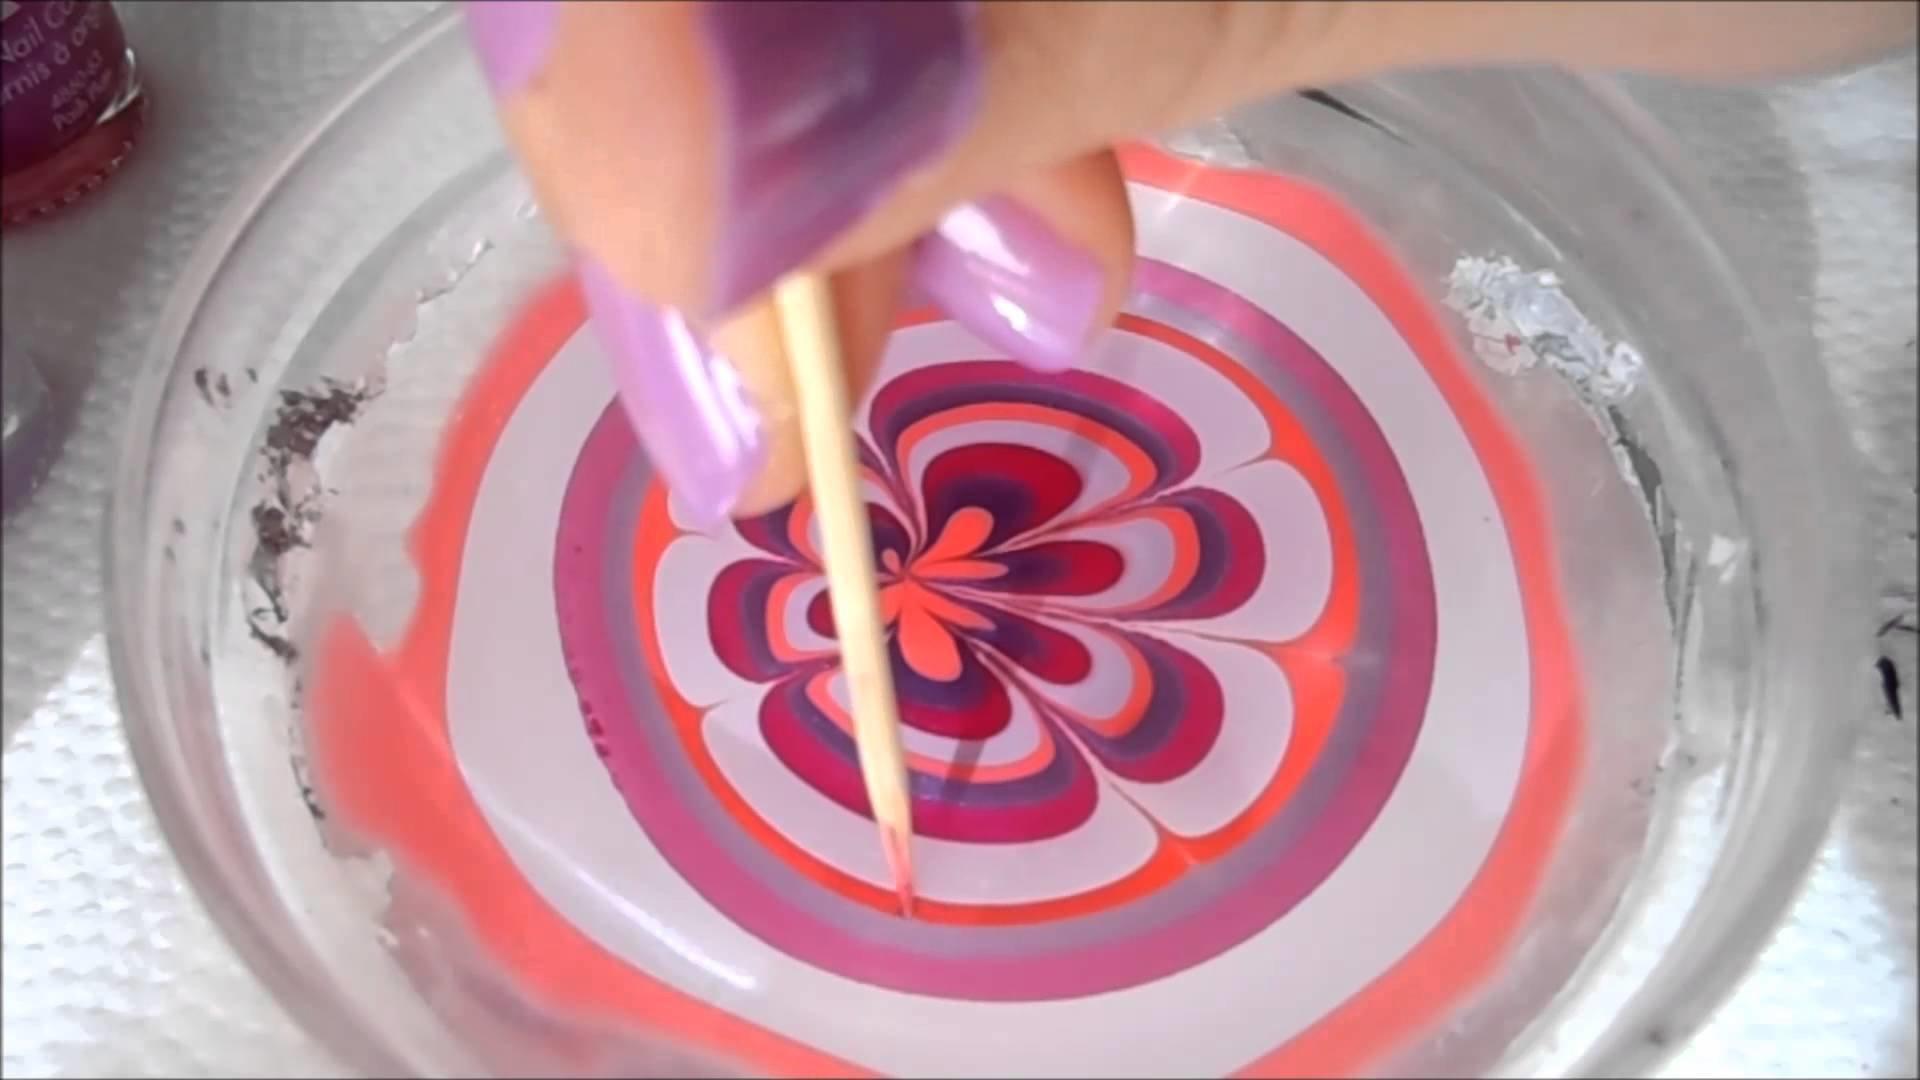 mramornyj-manikyur-foto_24 Мраморный маникюр: топ-8 стильных идей дизайна для ногтей